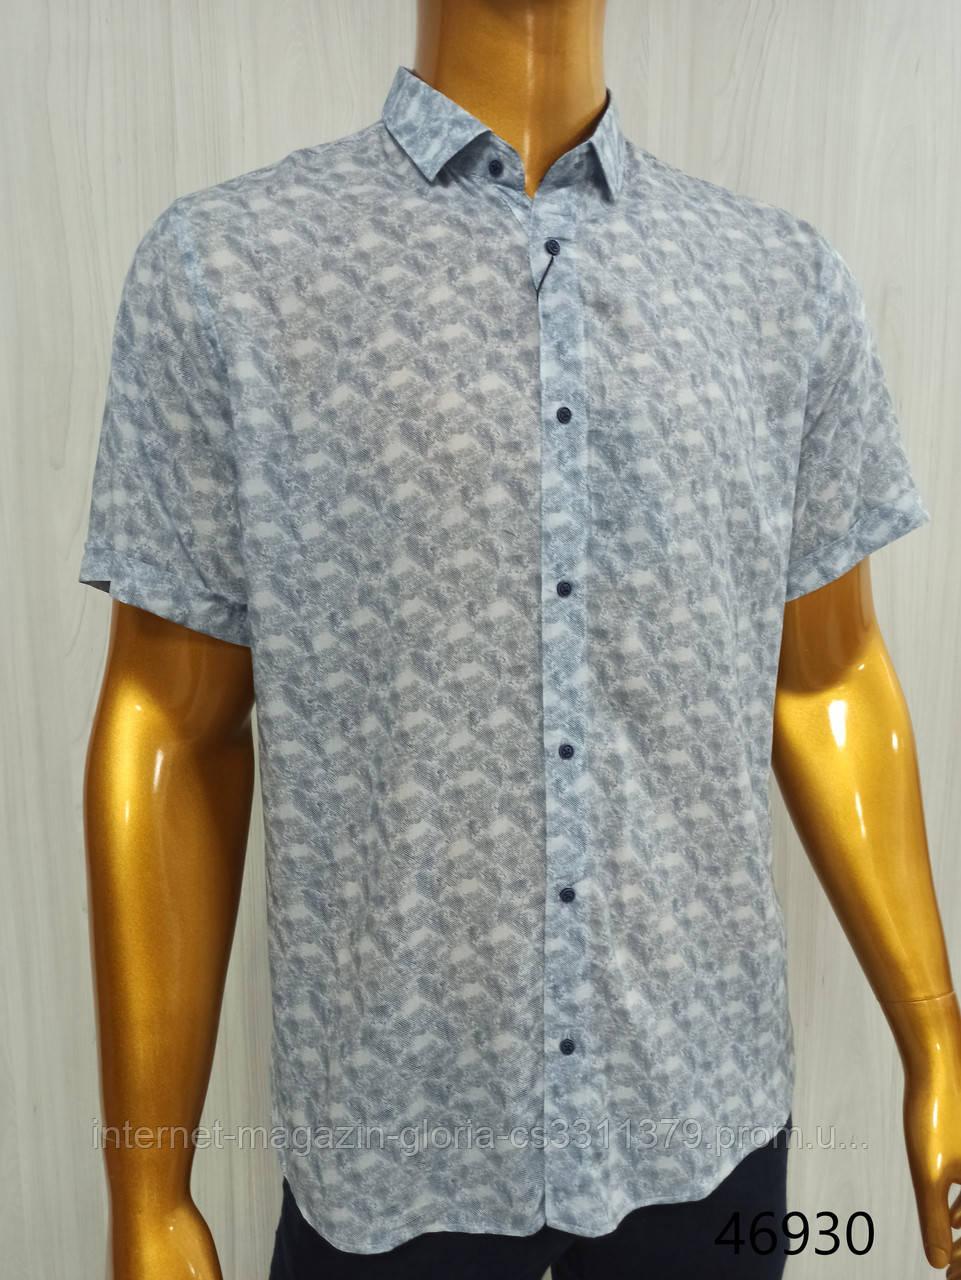 Мужская рубашка FLP. mod.46930-голубая. Размеры: M,L,XL,XXL.